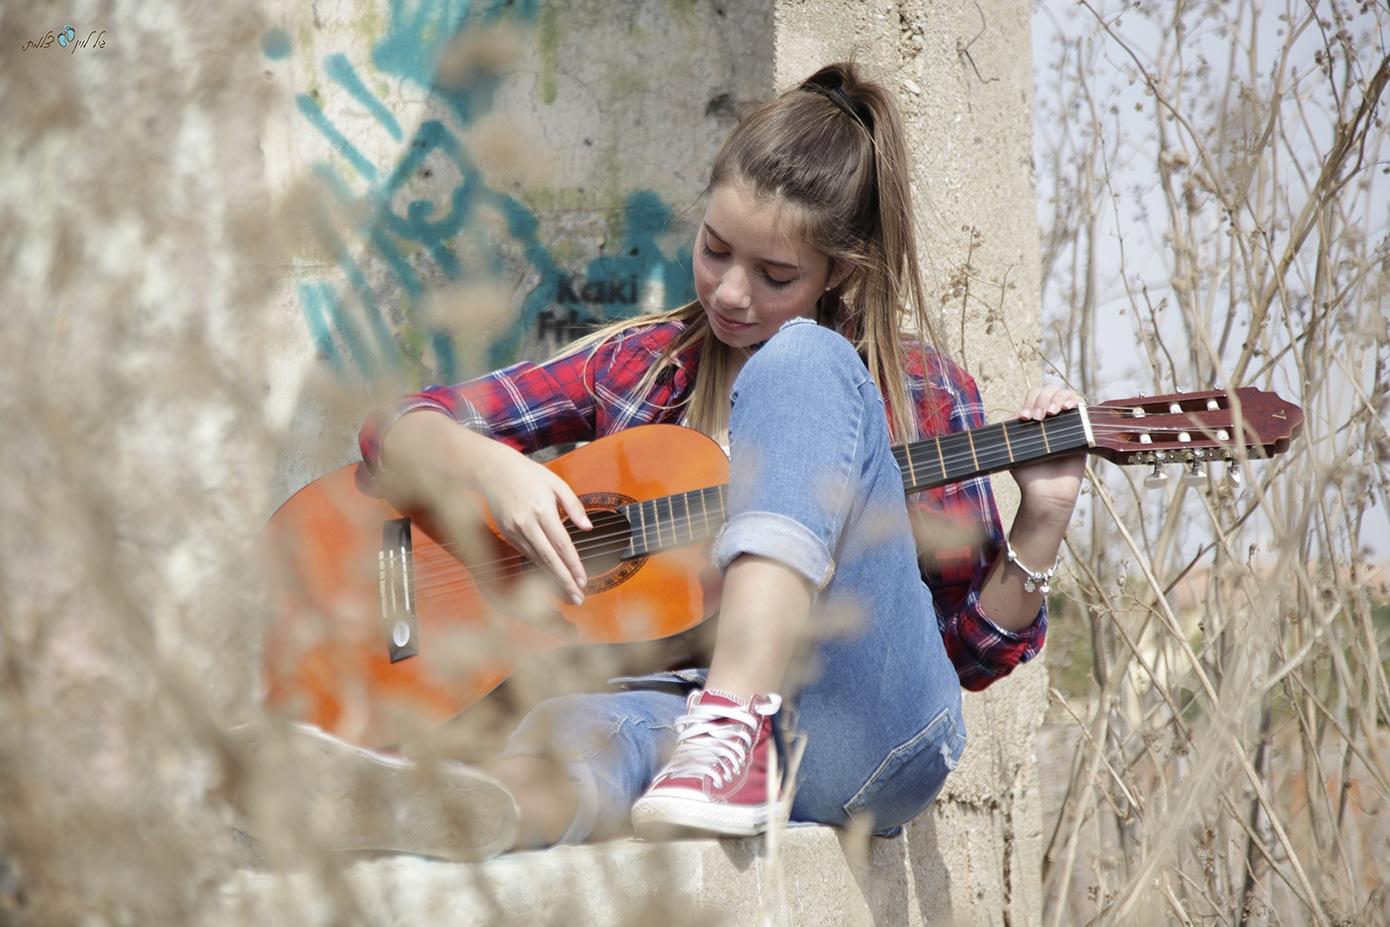 עידית וליאור קמפינסקי - בוק בת מצווה לליאור - סטודיו גיל לוין (17)